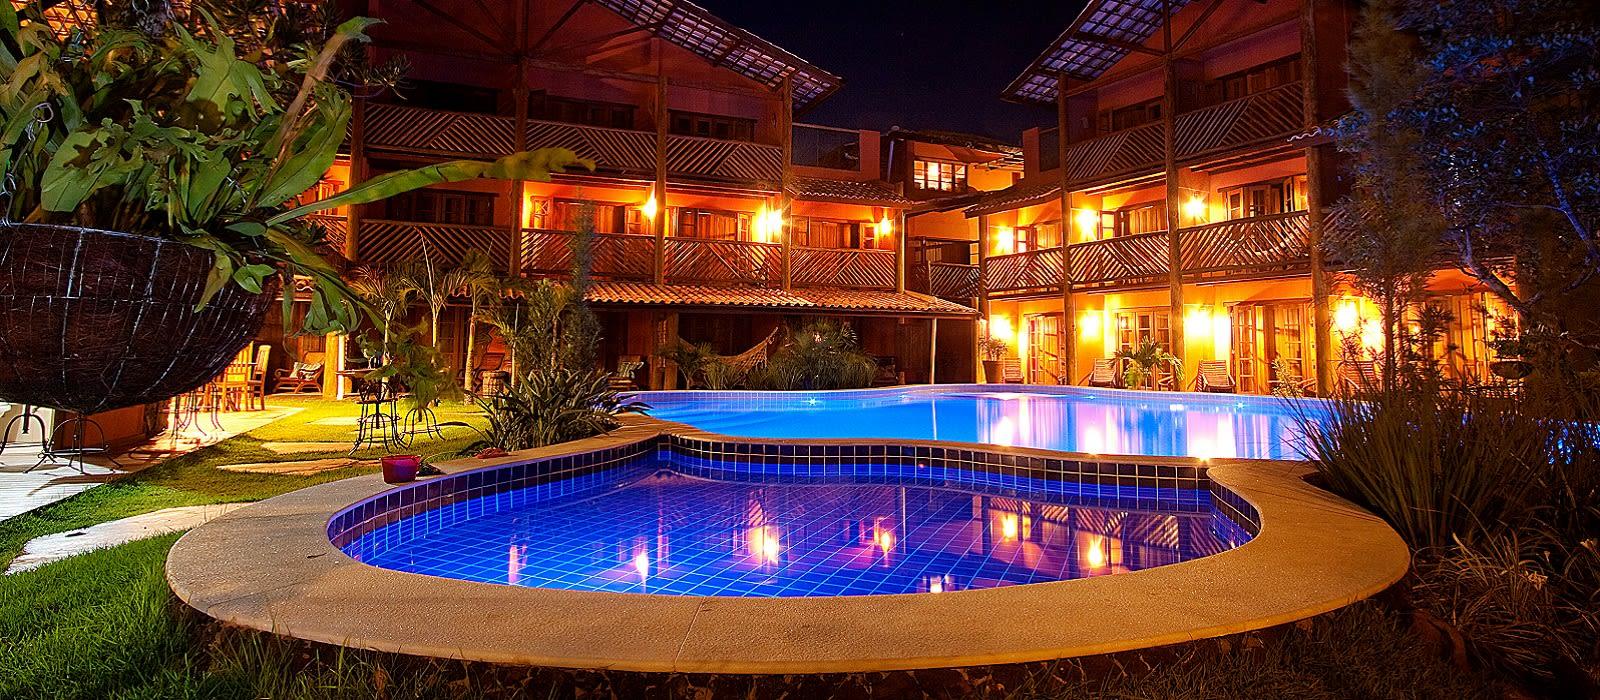 Hotel Casa do Forte Brasilien